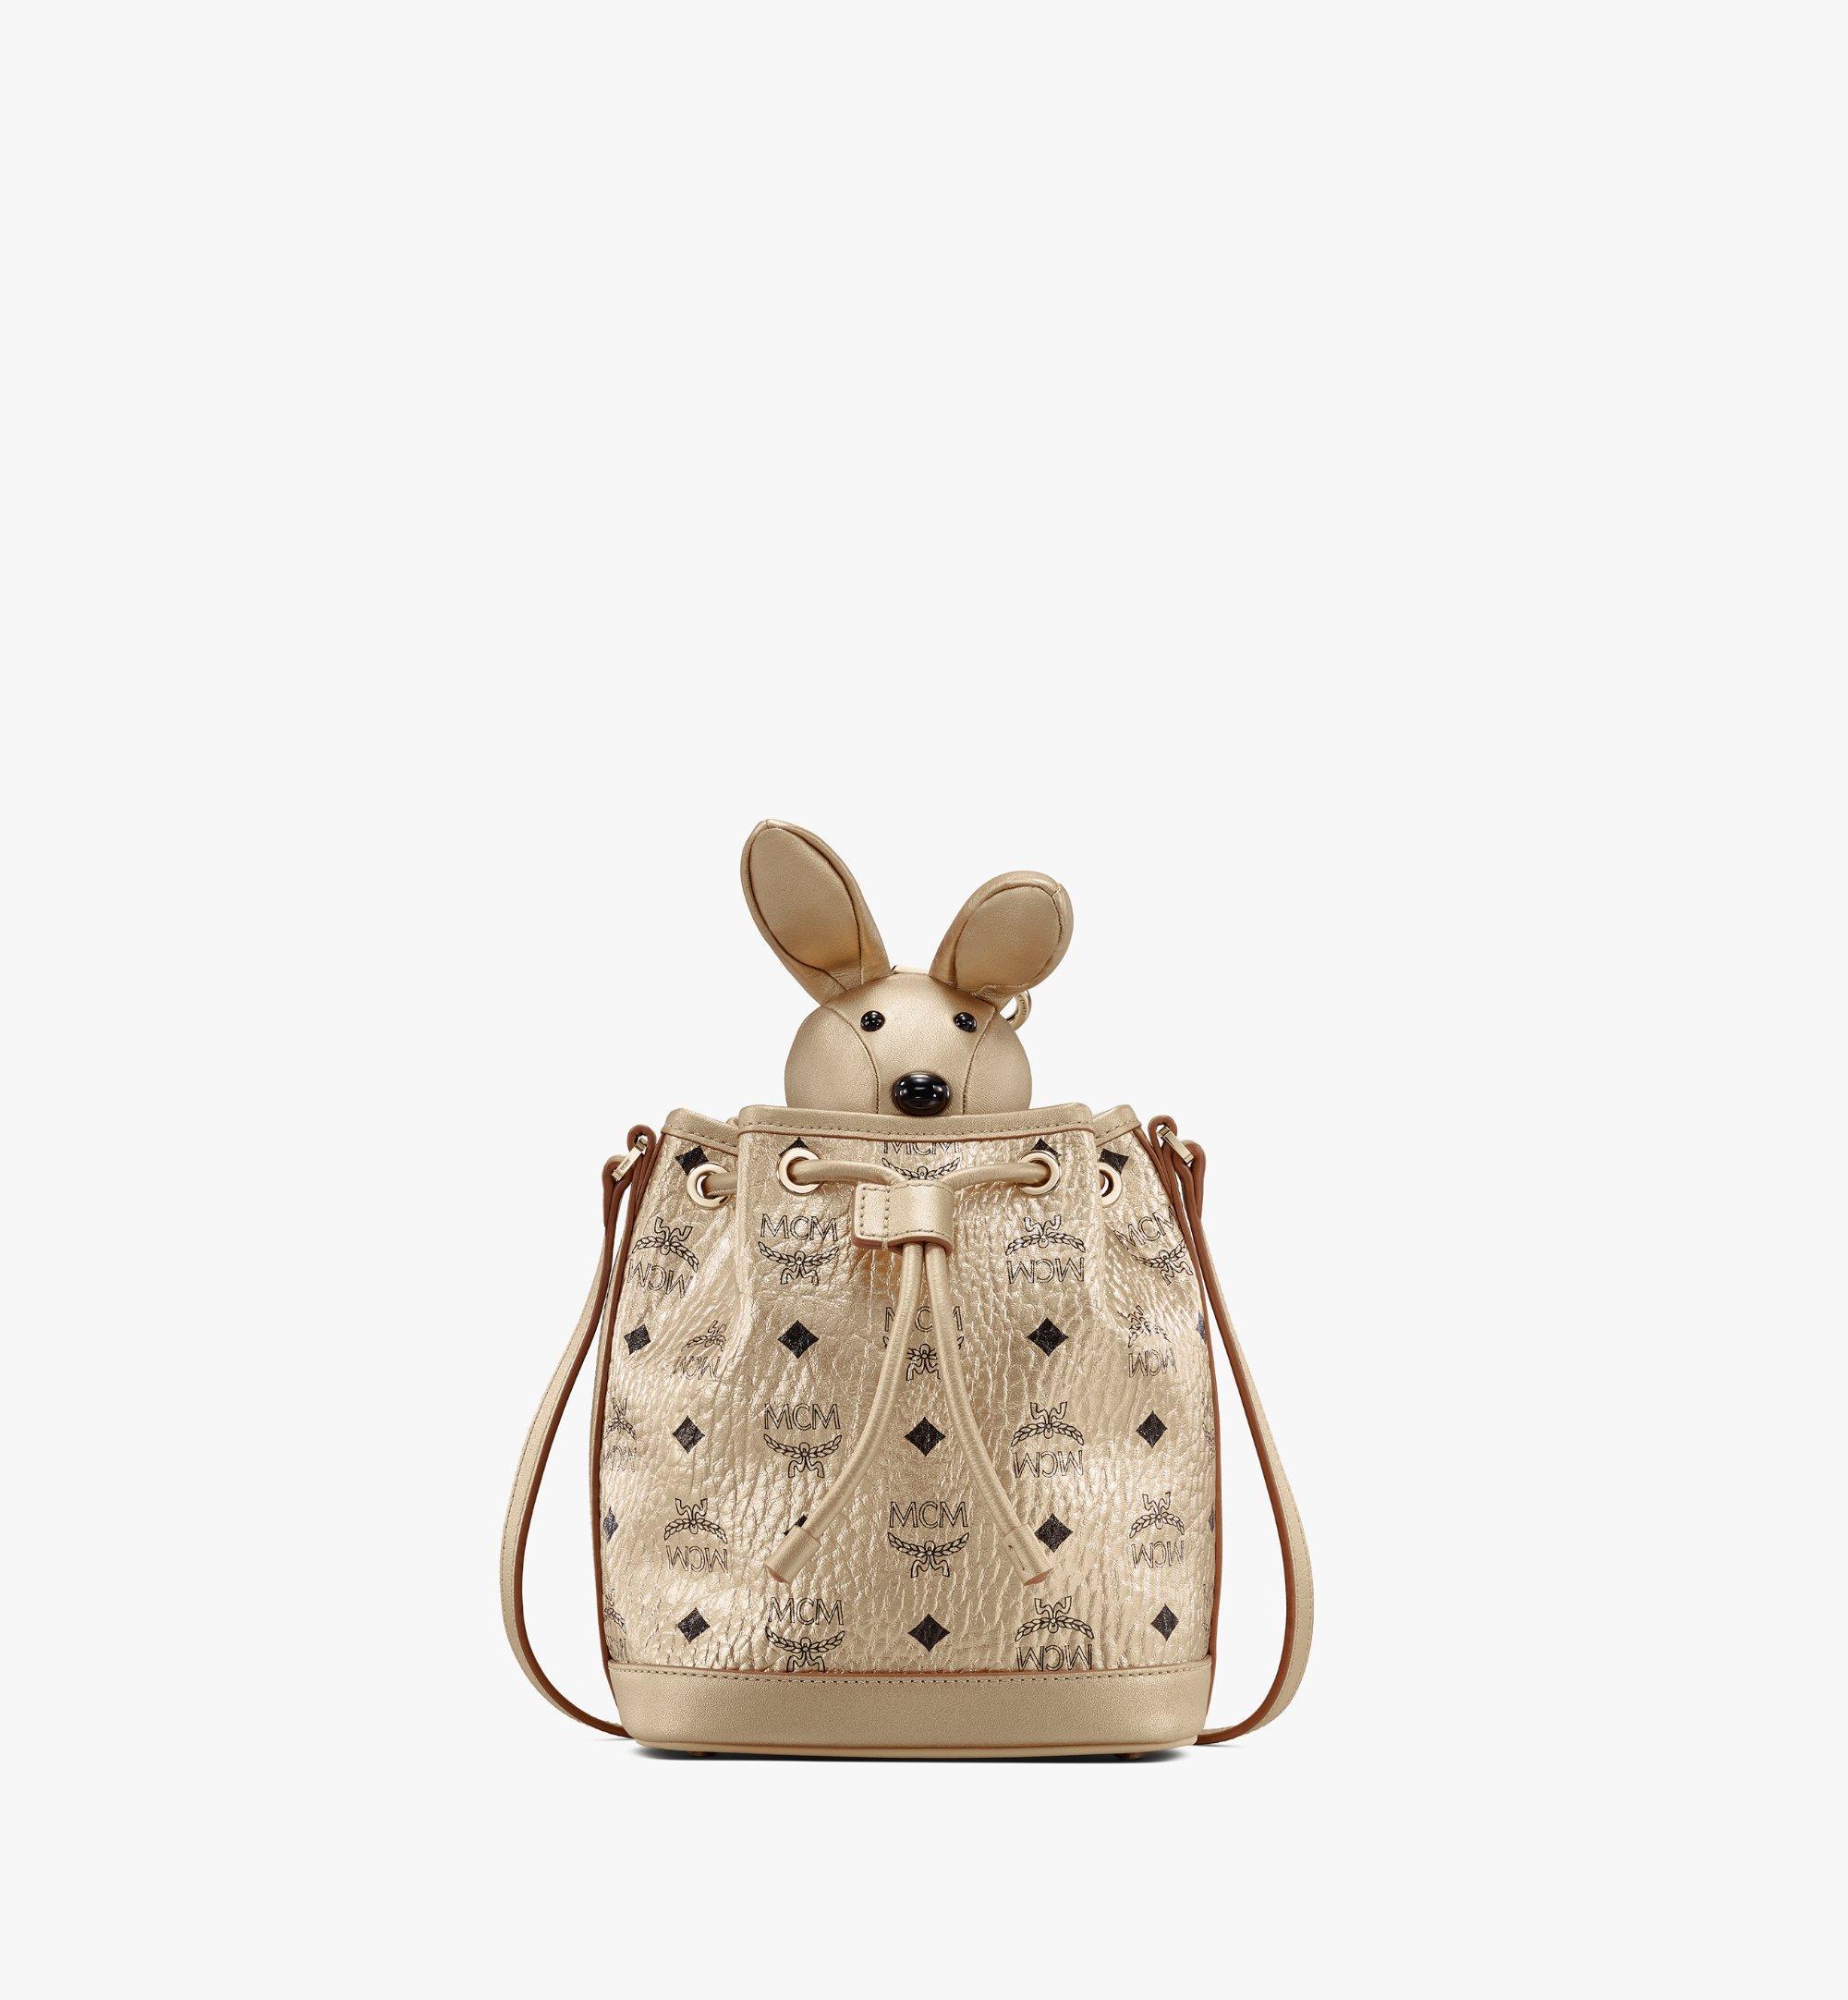 MCM MCM Zoo Rabbit Drawstring Bag in Visetos Gold MWDASXL03T1001 Alternate View 1